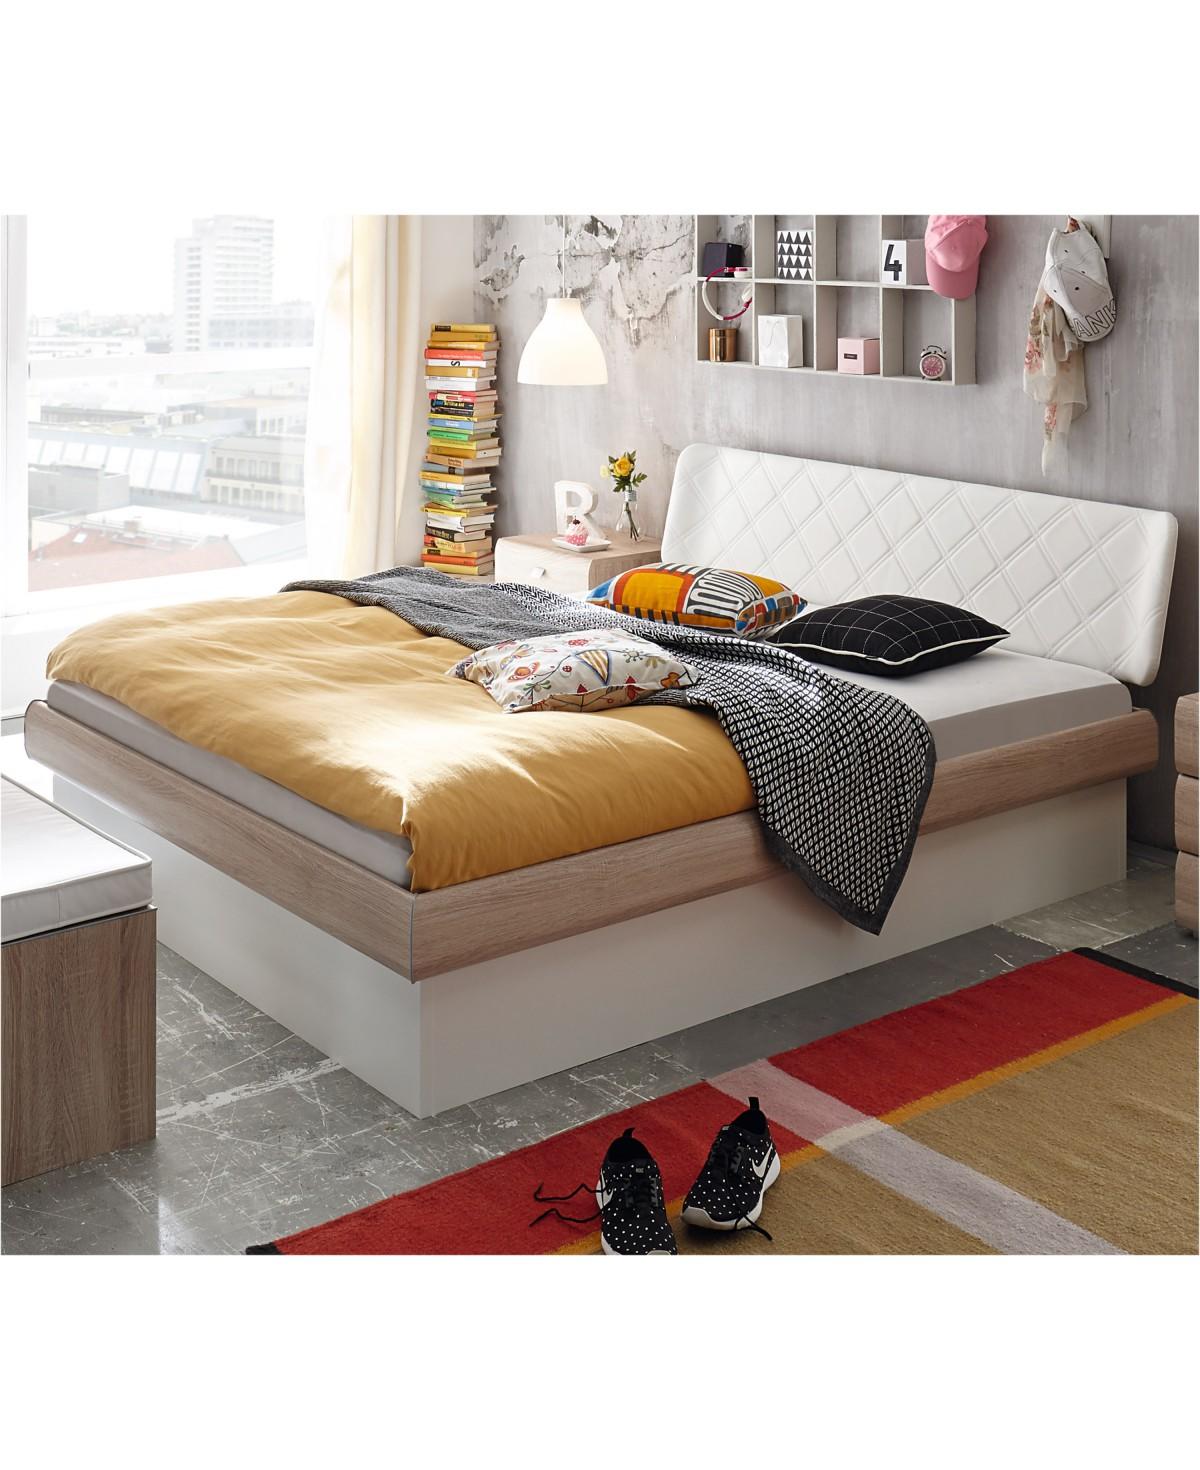 Full Size of Hasena Soft Line Stauraumbett Practico Boeiche Sgerauh Dekor Bett 120x200 Mit Matratze Und Lattenrost Betten Weiß Bettkasten Wohnzimmer Stauraumbett 120x200